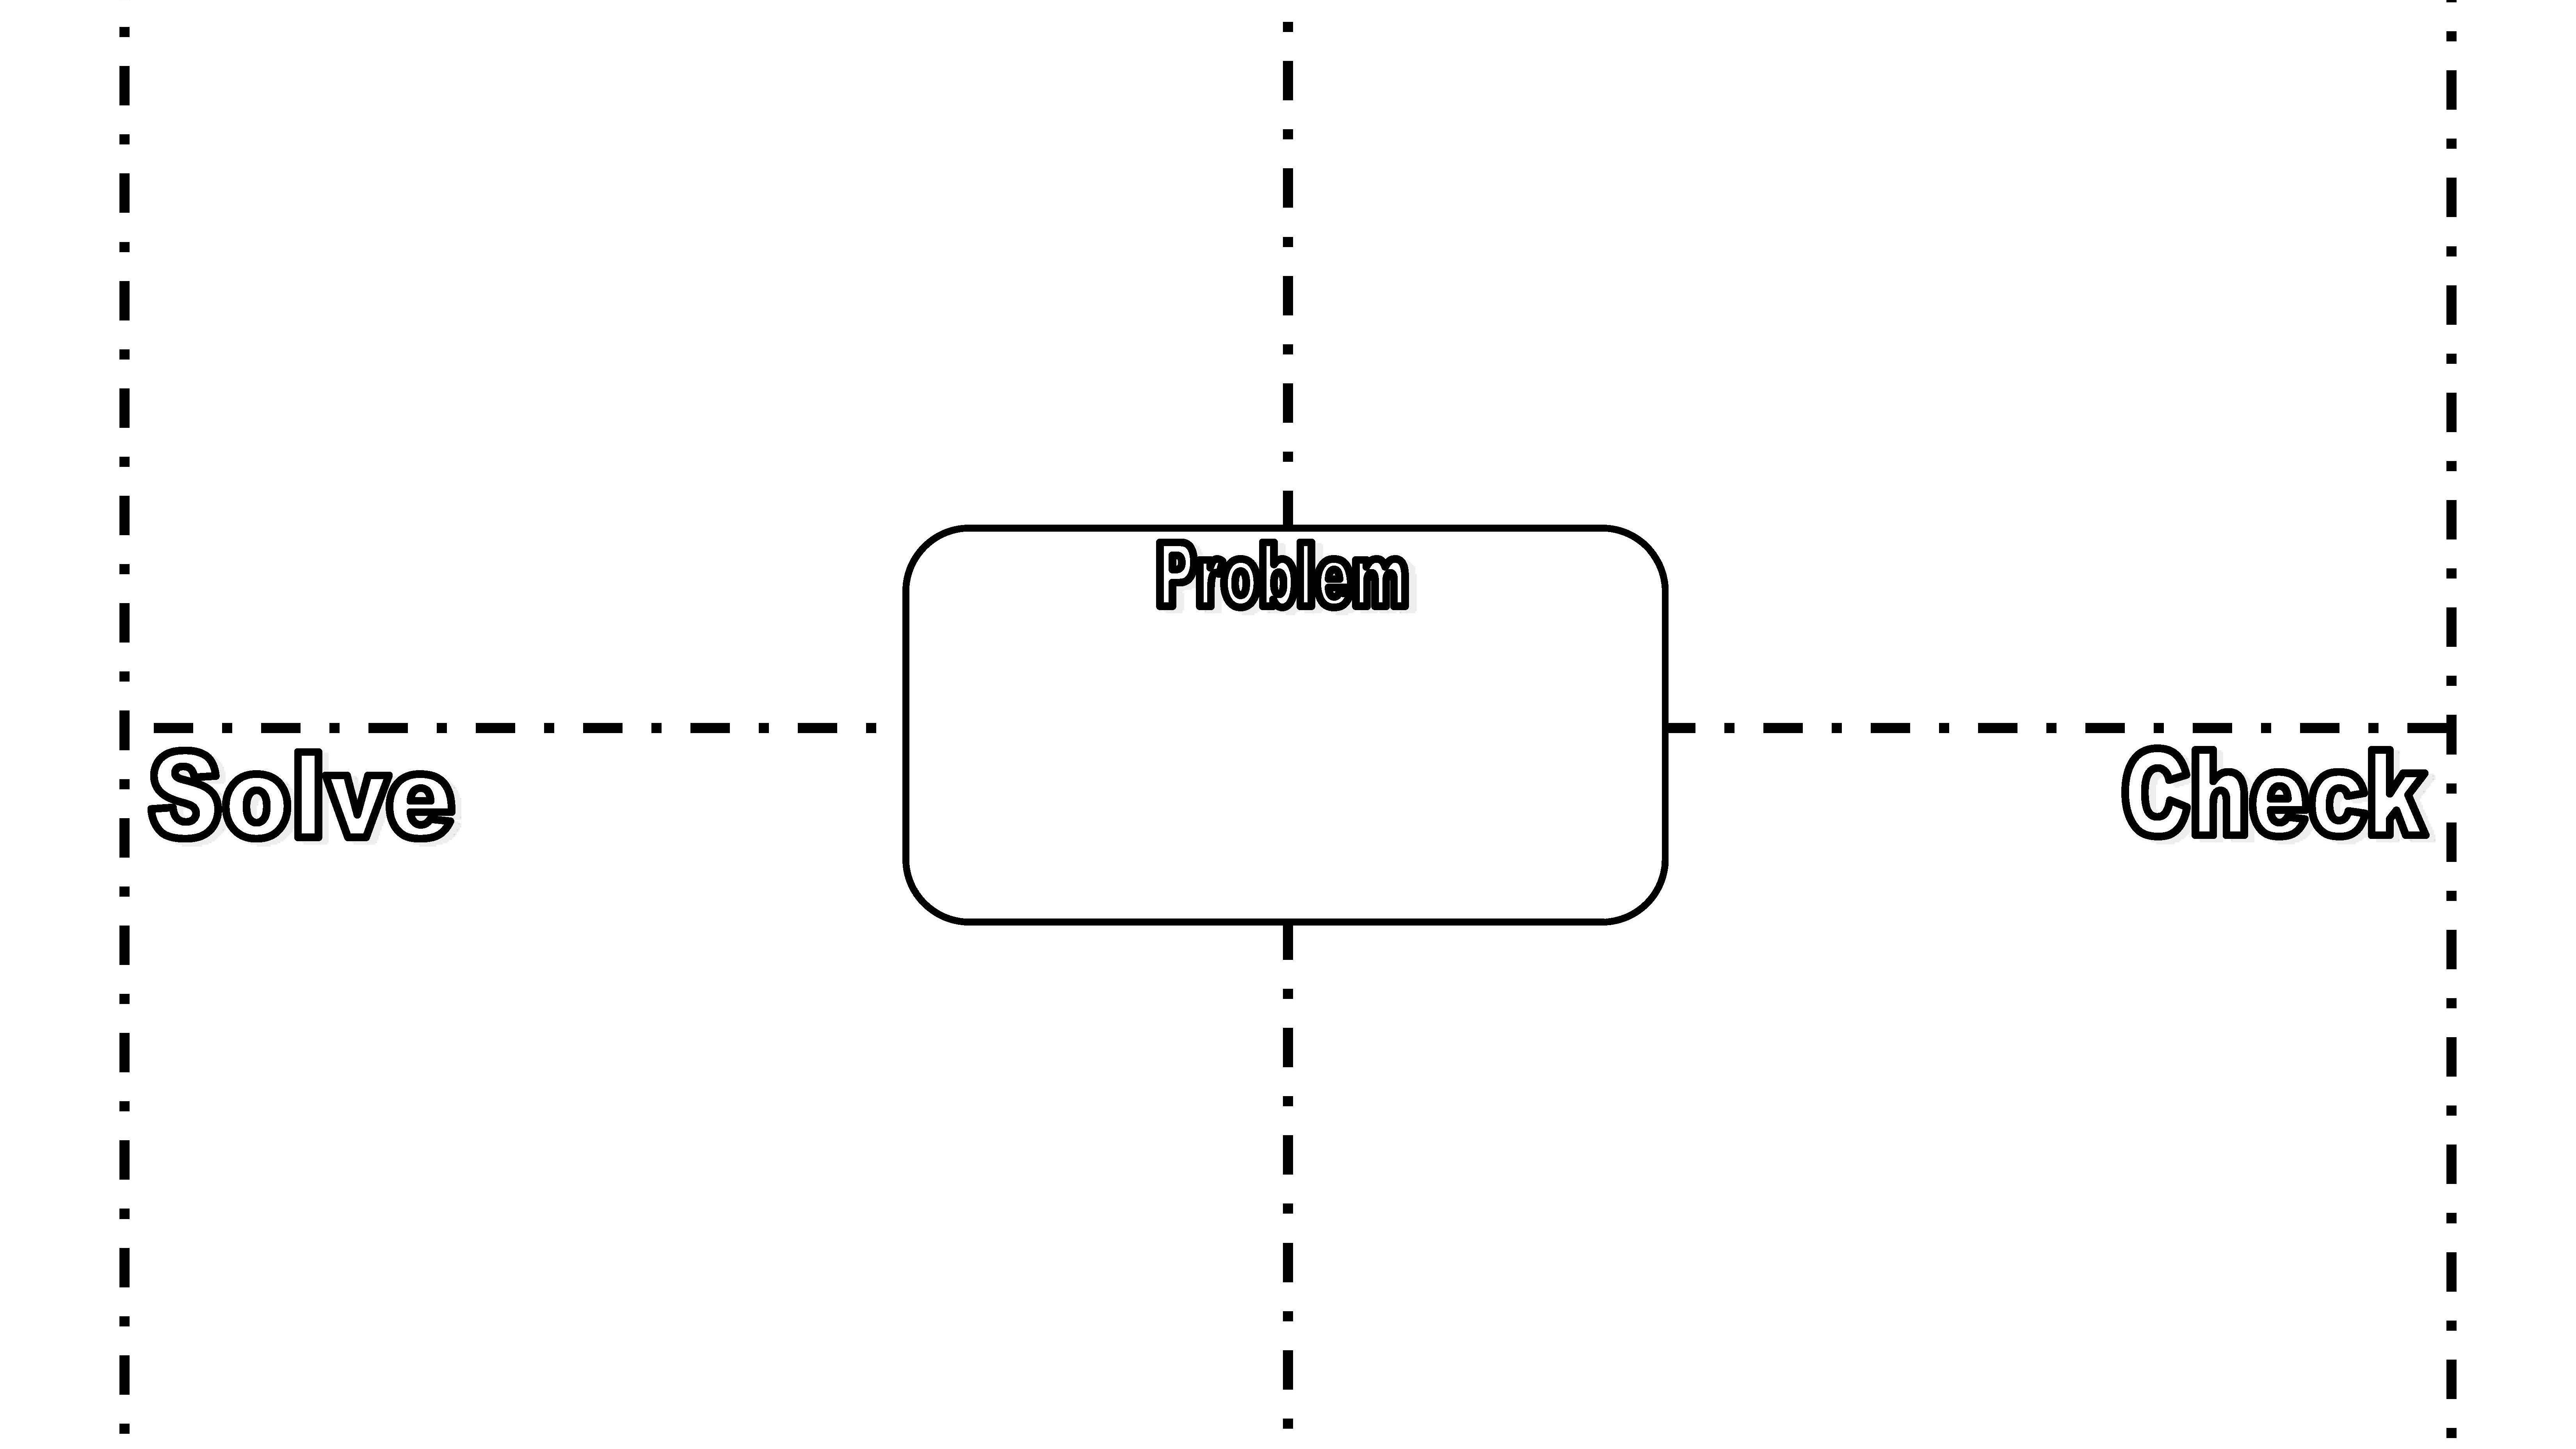 Using The Frayer Model For Problem Solving Regarding Blank Frayer Model Template